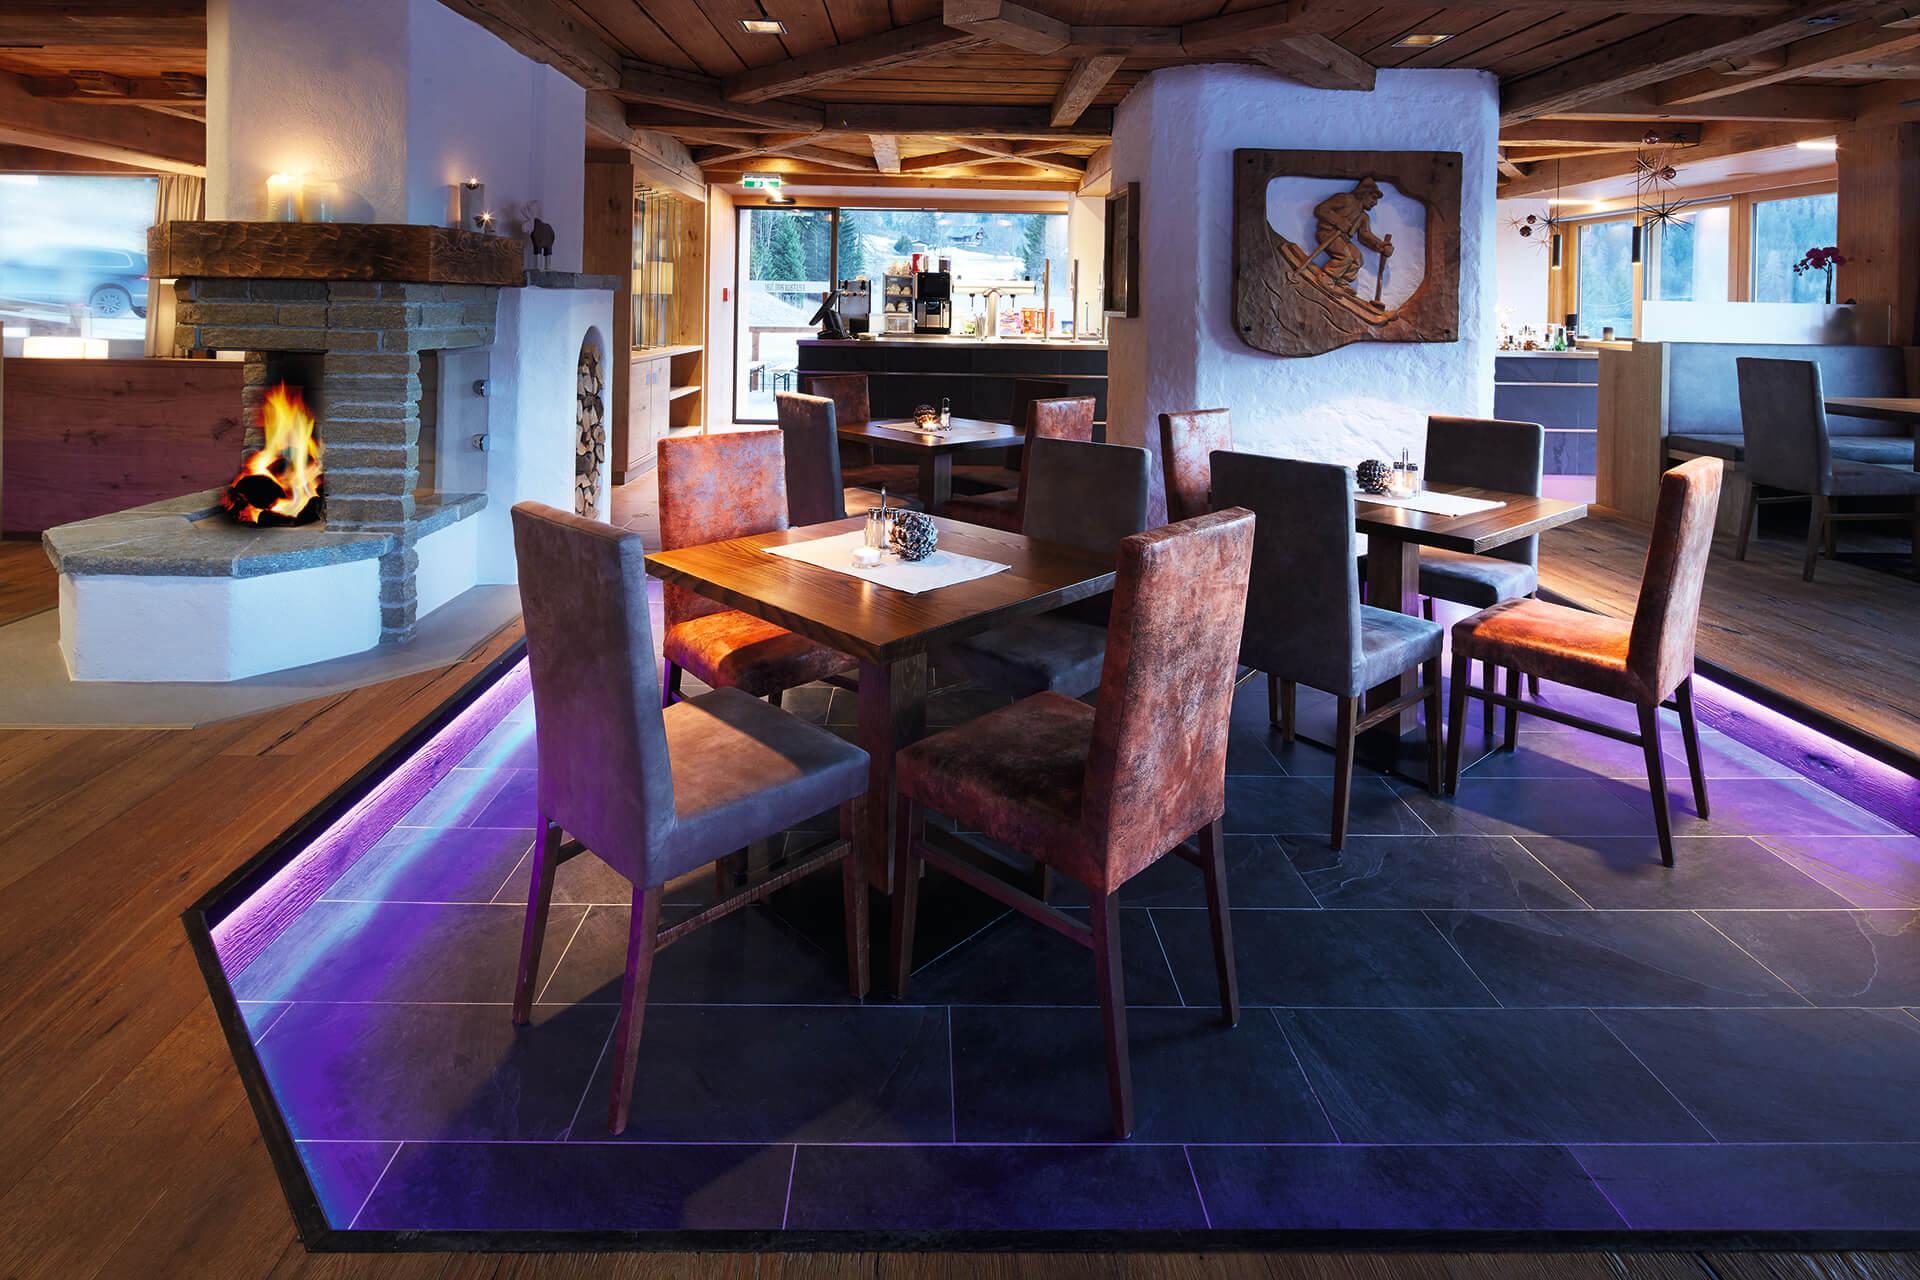 Tische und Stühle im Restaurant. Links im Bild ist ein Feuer im Kamin zu sehen. alpin-modernes Ambiente.